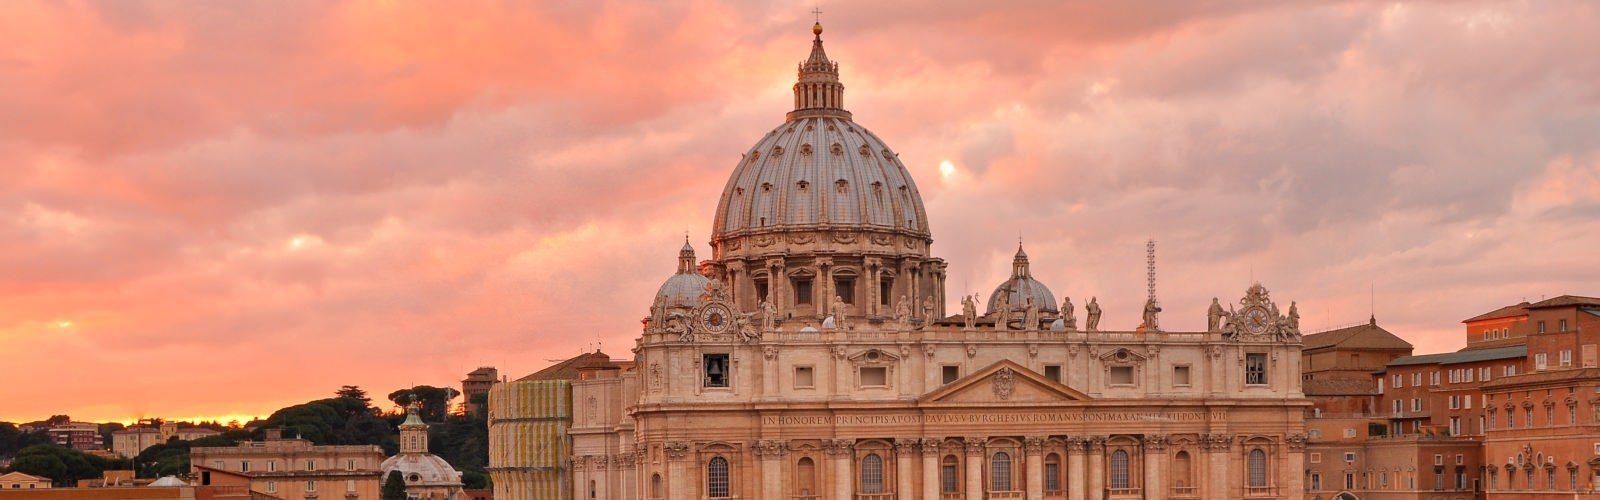 로마, 나만의 ROMA 가지기 image